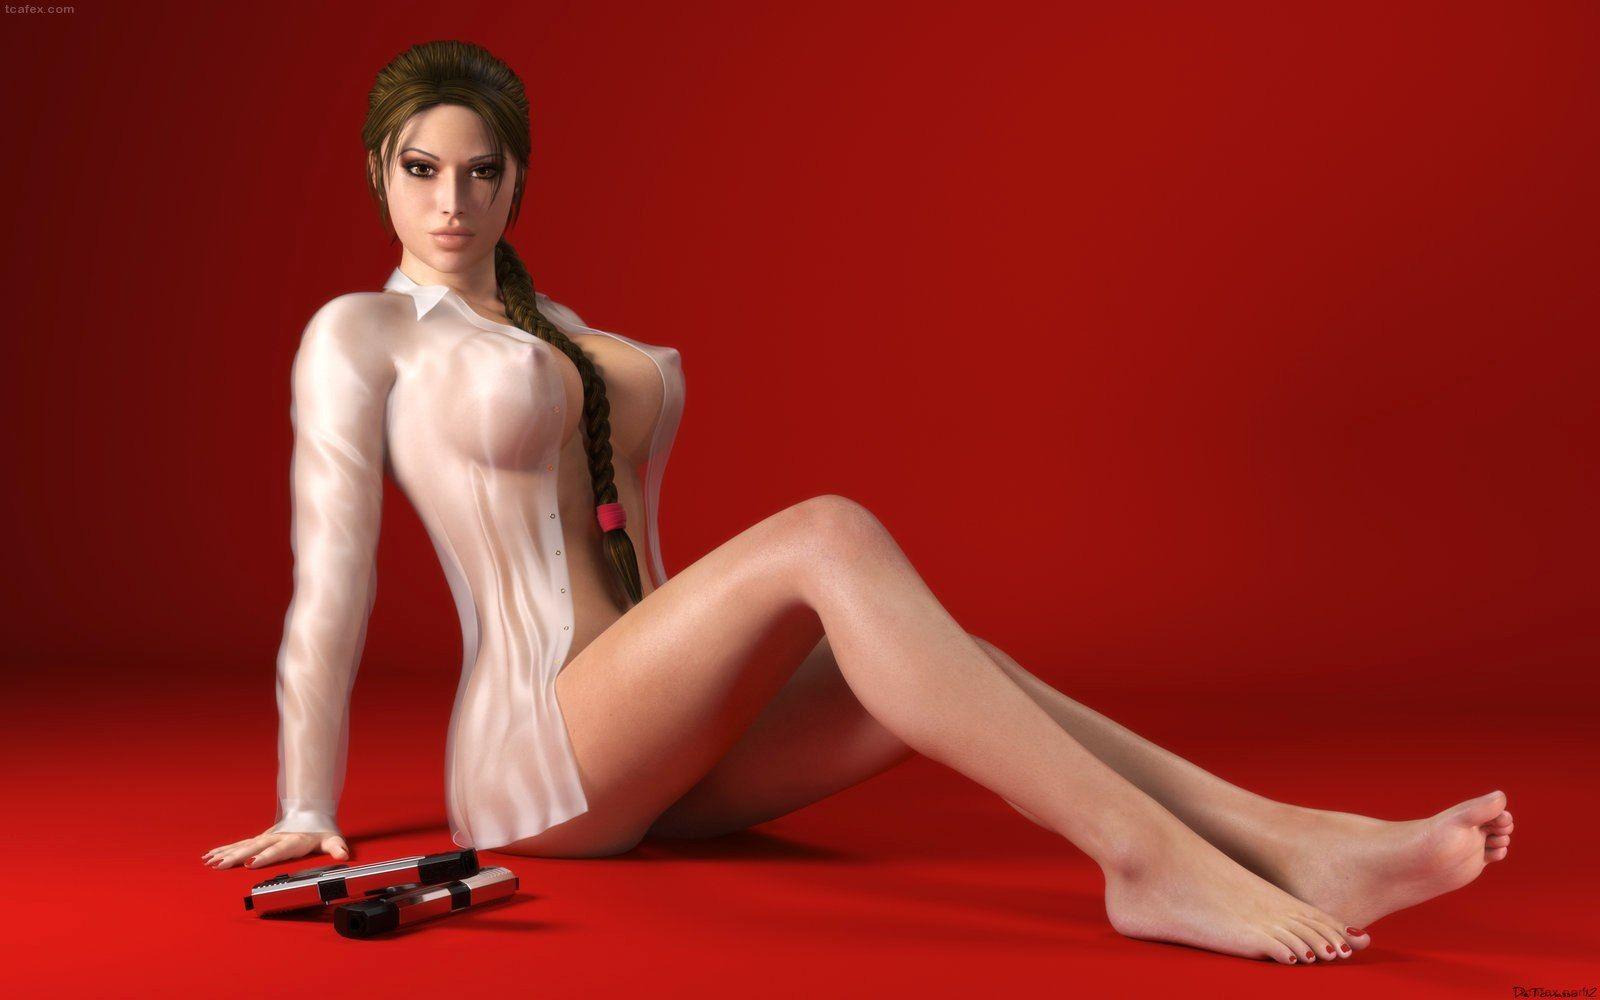 zd-ero-foto-iz-eroticheskih-igr-uslugi-intim-transseksualka-v-moskve